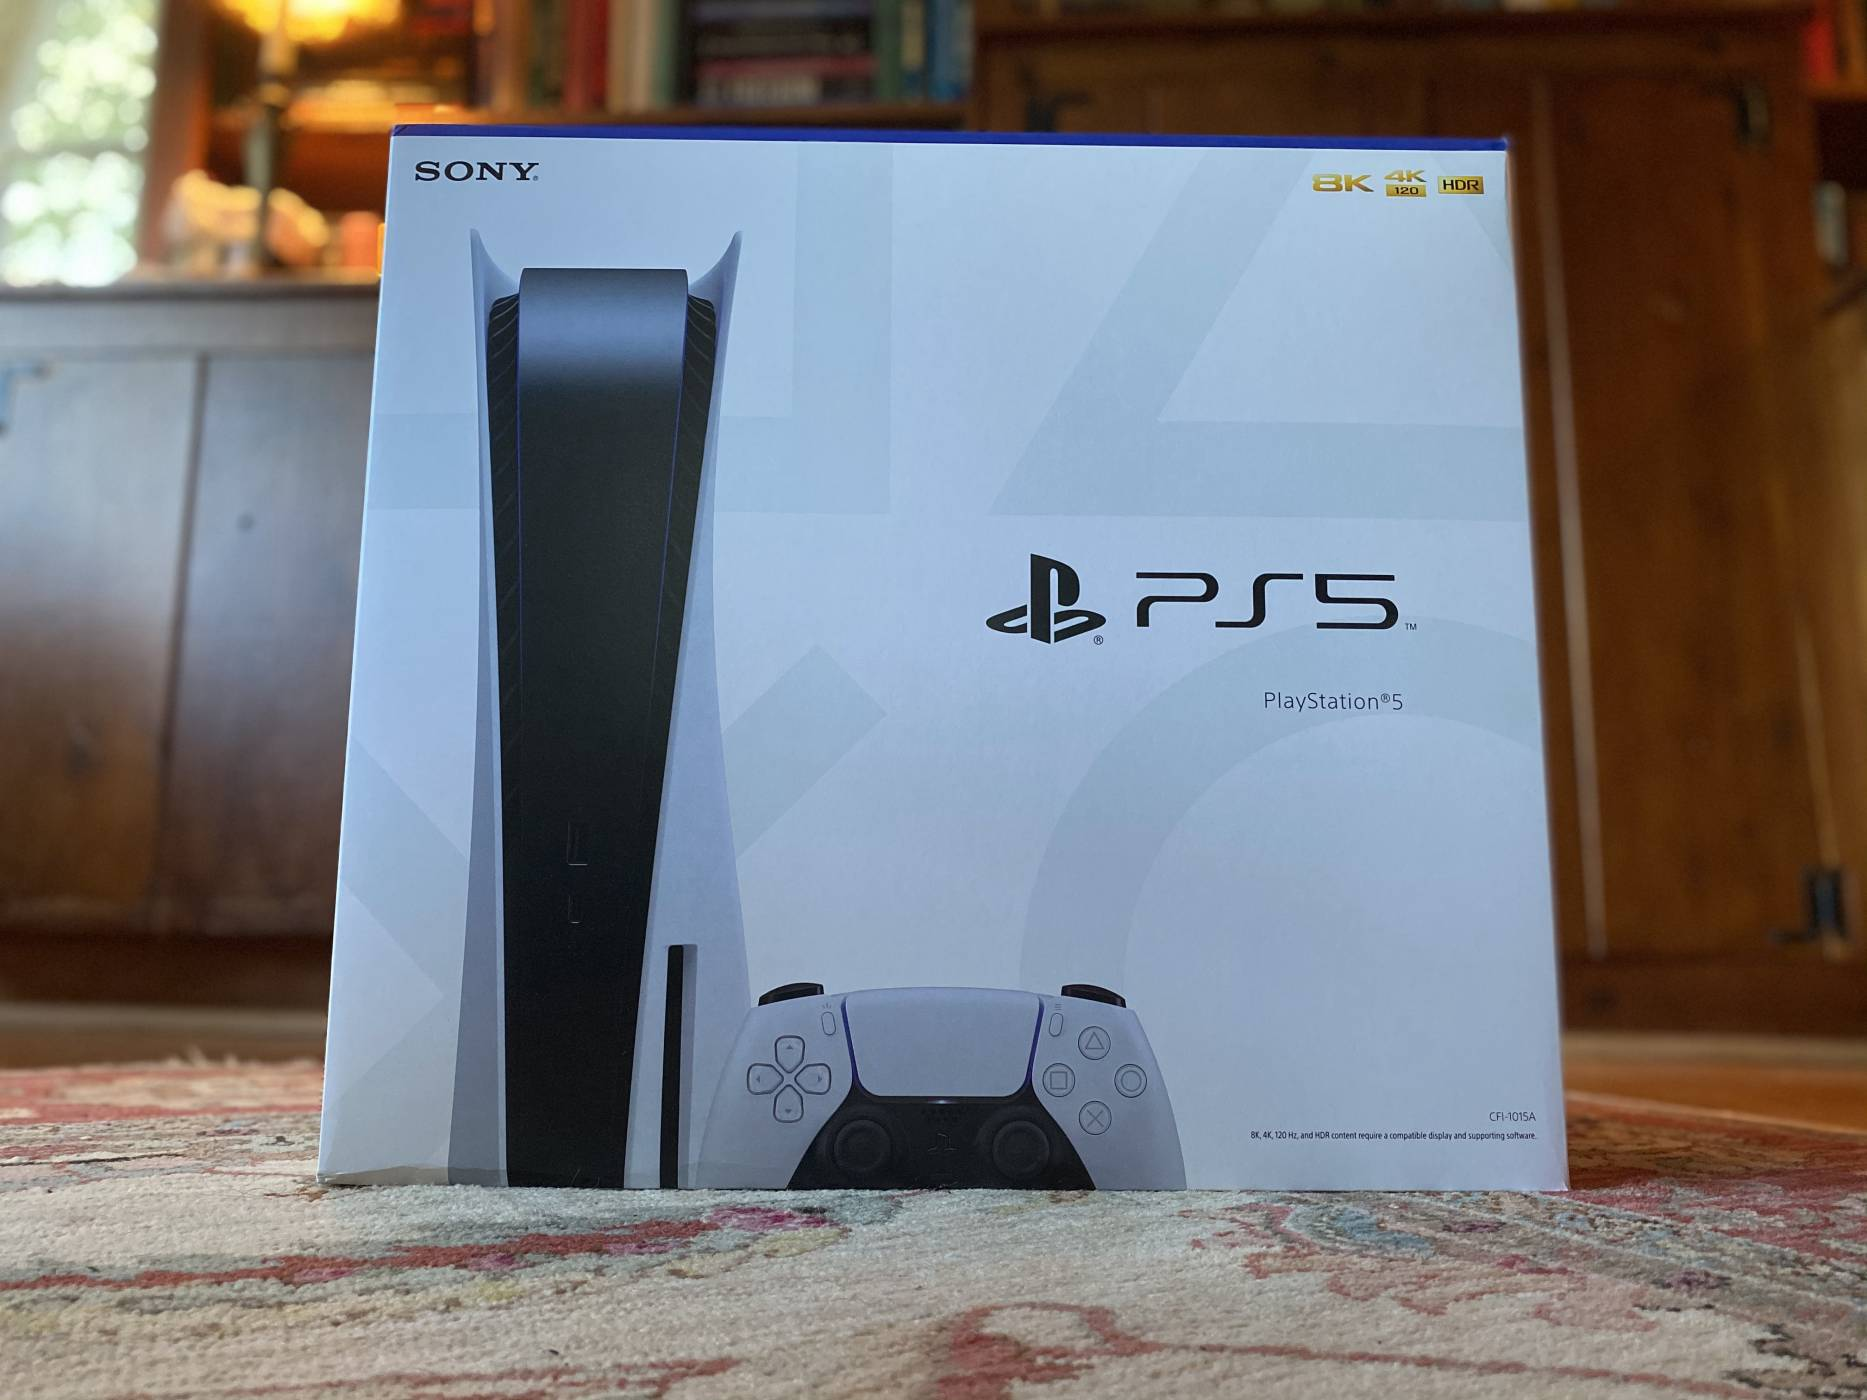 Първи снимки на опаковката на PlayStation 5 и какво точно има в комплекта! (СНИМКИ)